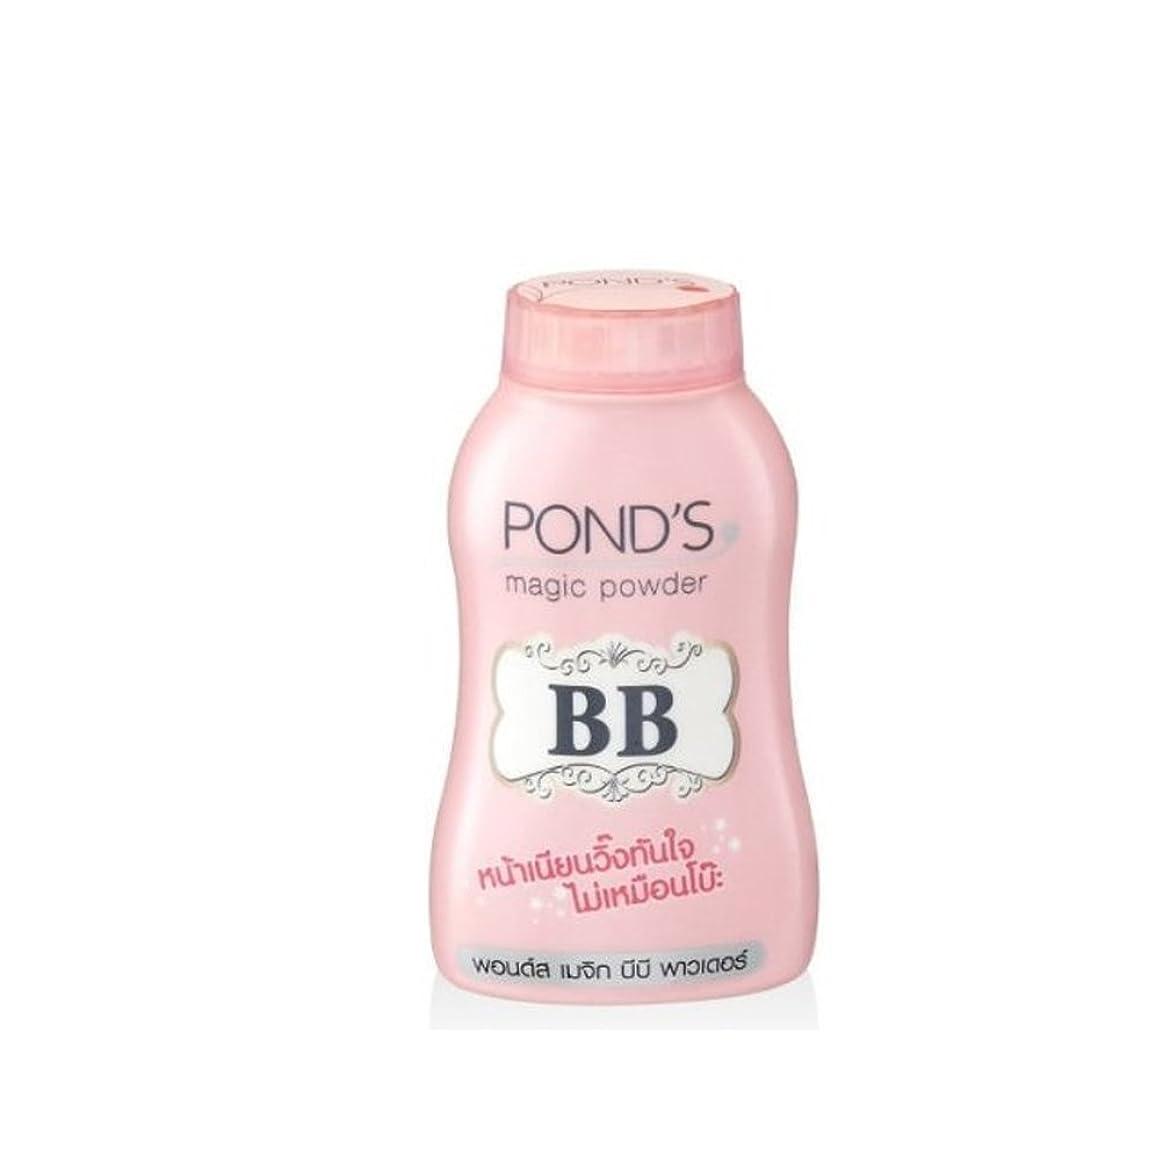 クレーター支配的スキームPOND's Magic BB Pwder ポン酢マジック?パウダー50g 2 pack (並行輸入品)